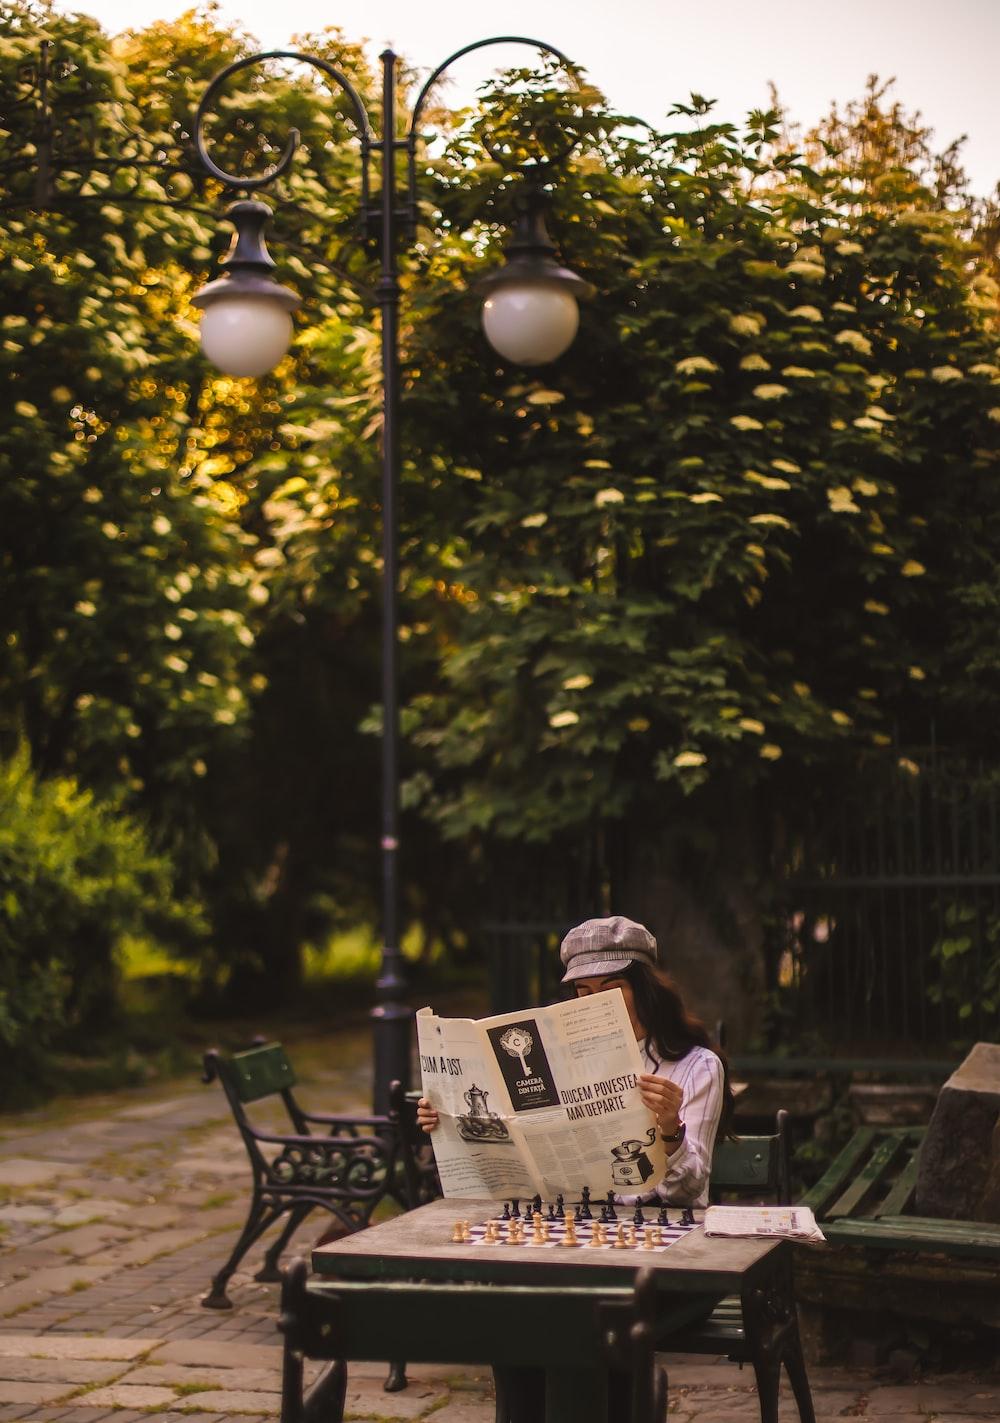 black metal bench near green trees during daytime